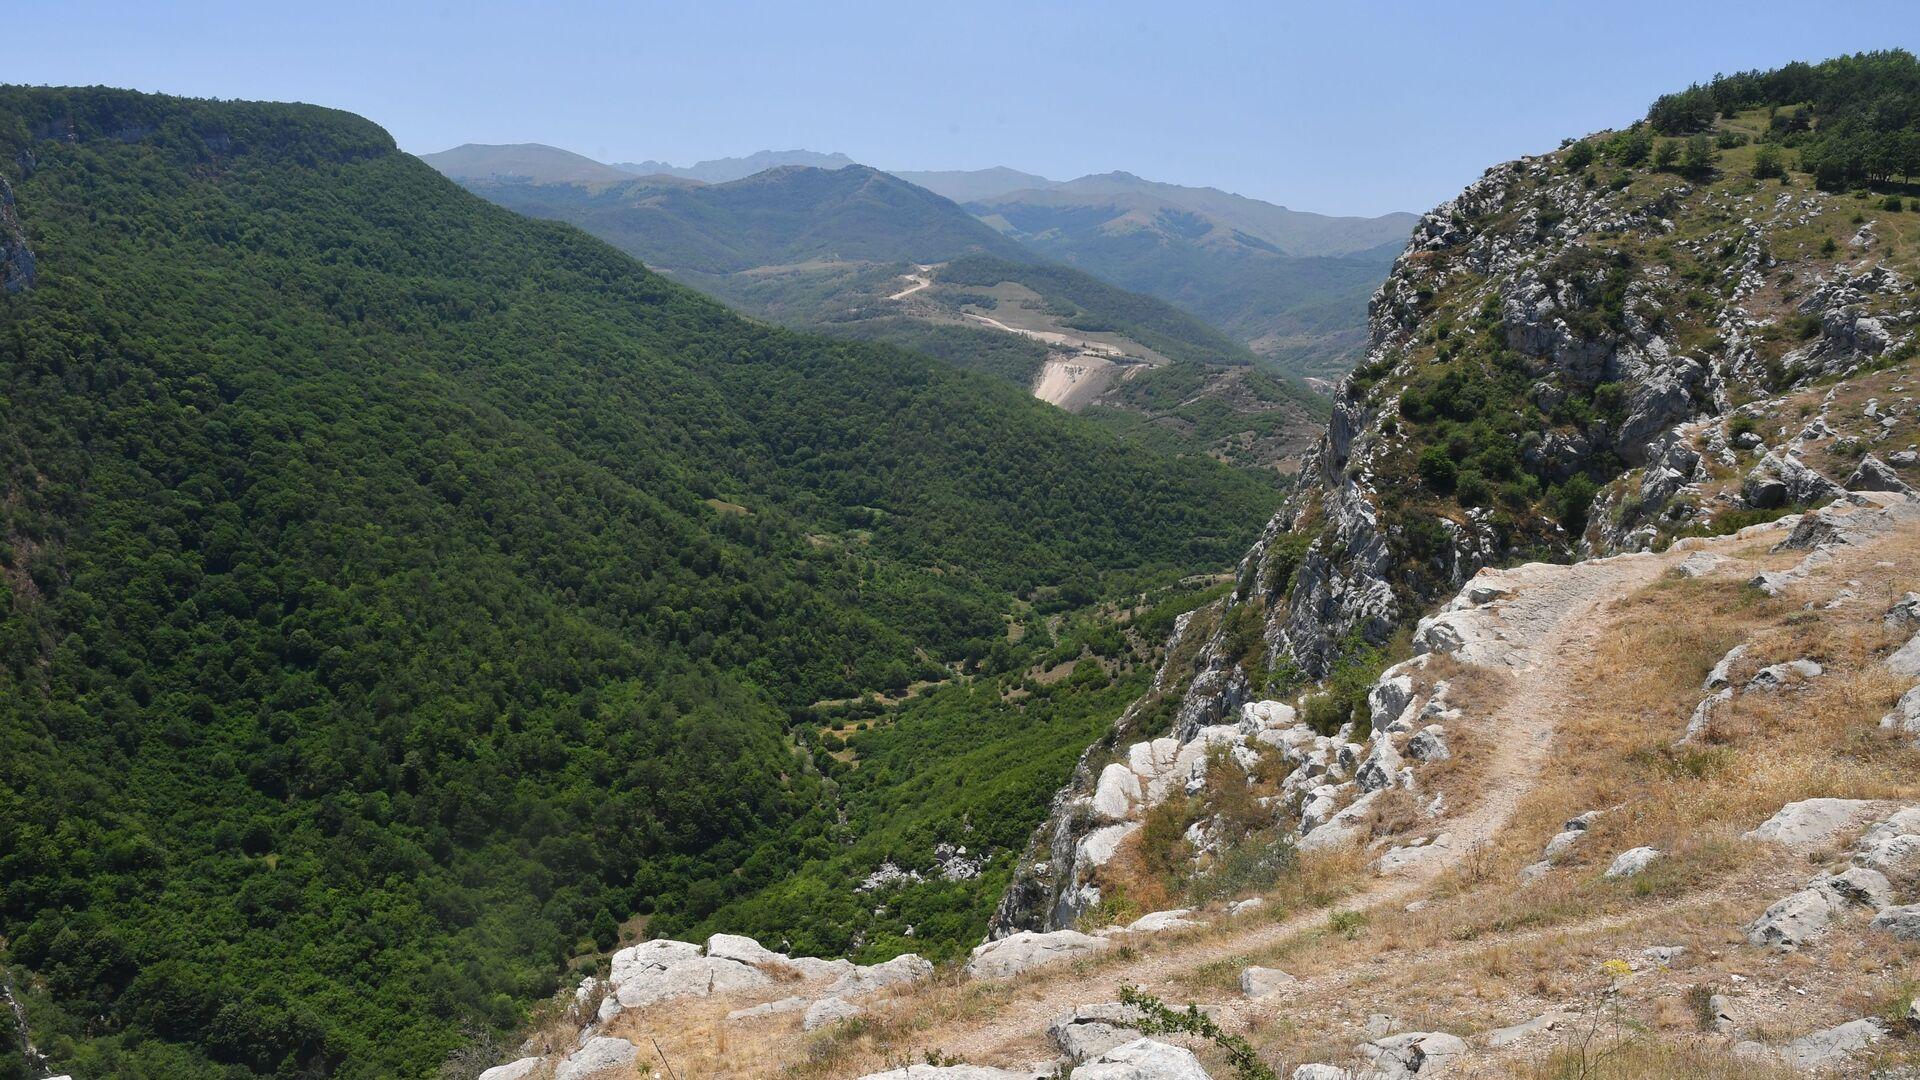 Вид на горы в Карабахе - Sputnik Азербайджан, 1920, 24.08.2021